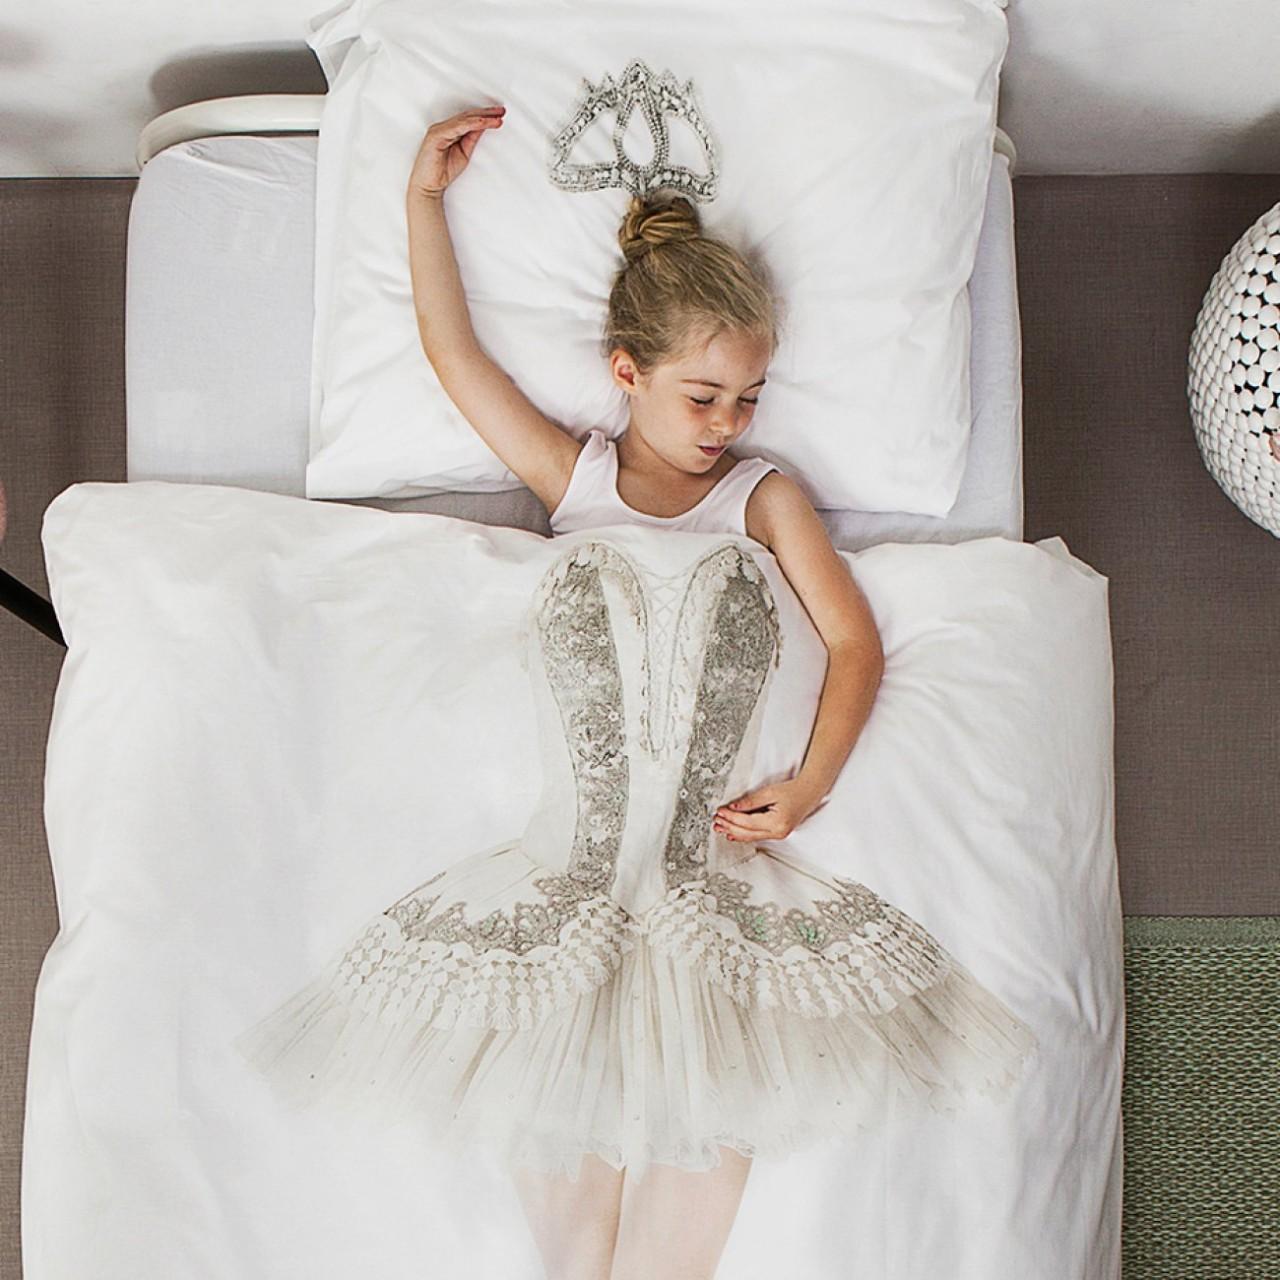 30 комплектов удивительного постельного белья, которое поднимет вам настроение